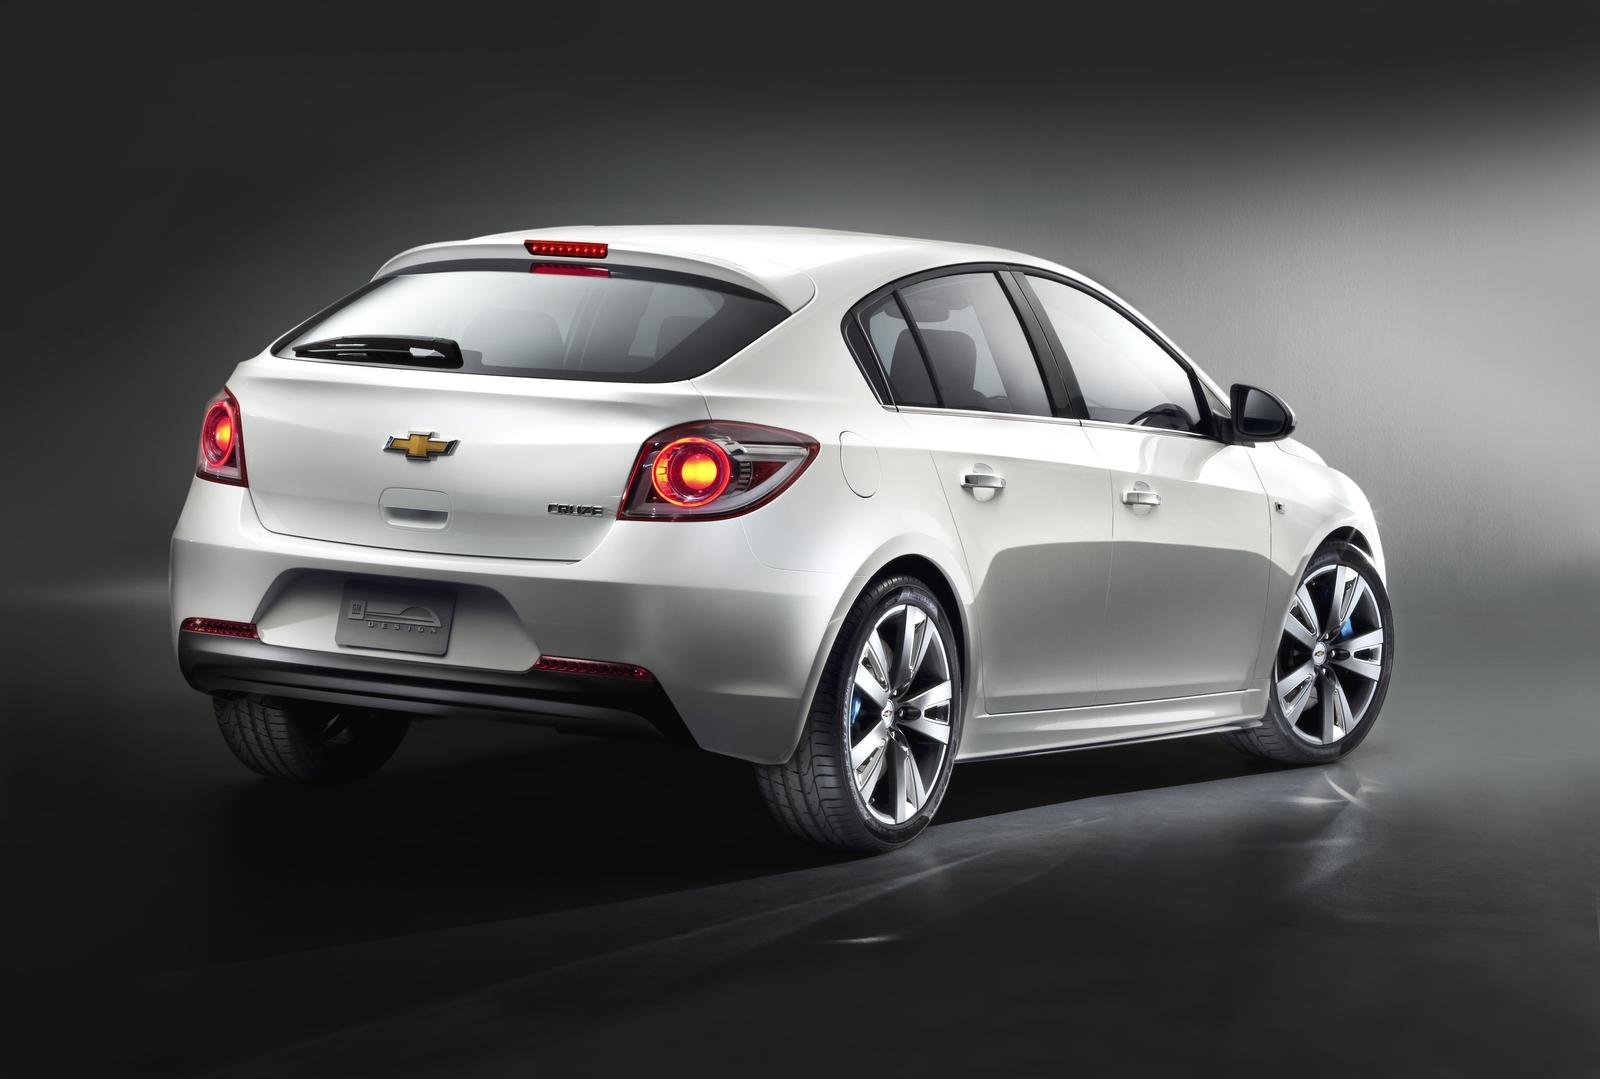 Not Coming Soon: Chevrolet Cruze Hatchback